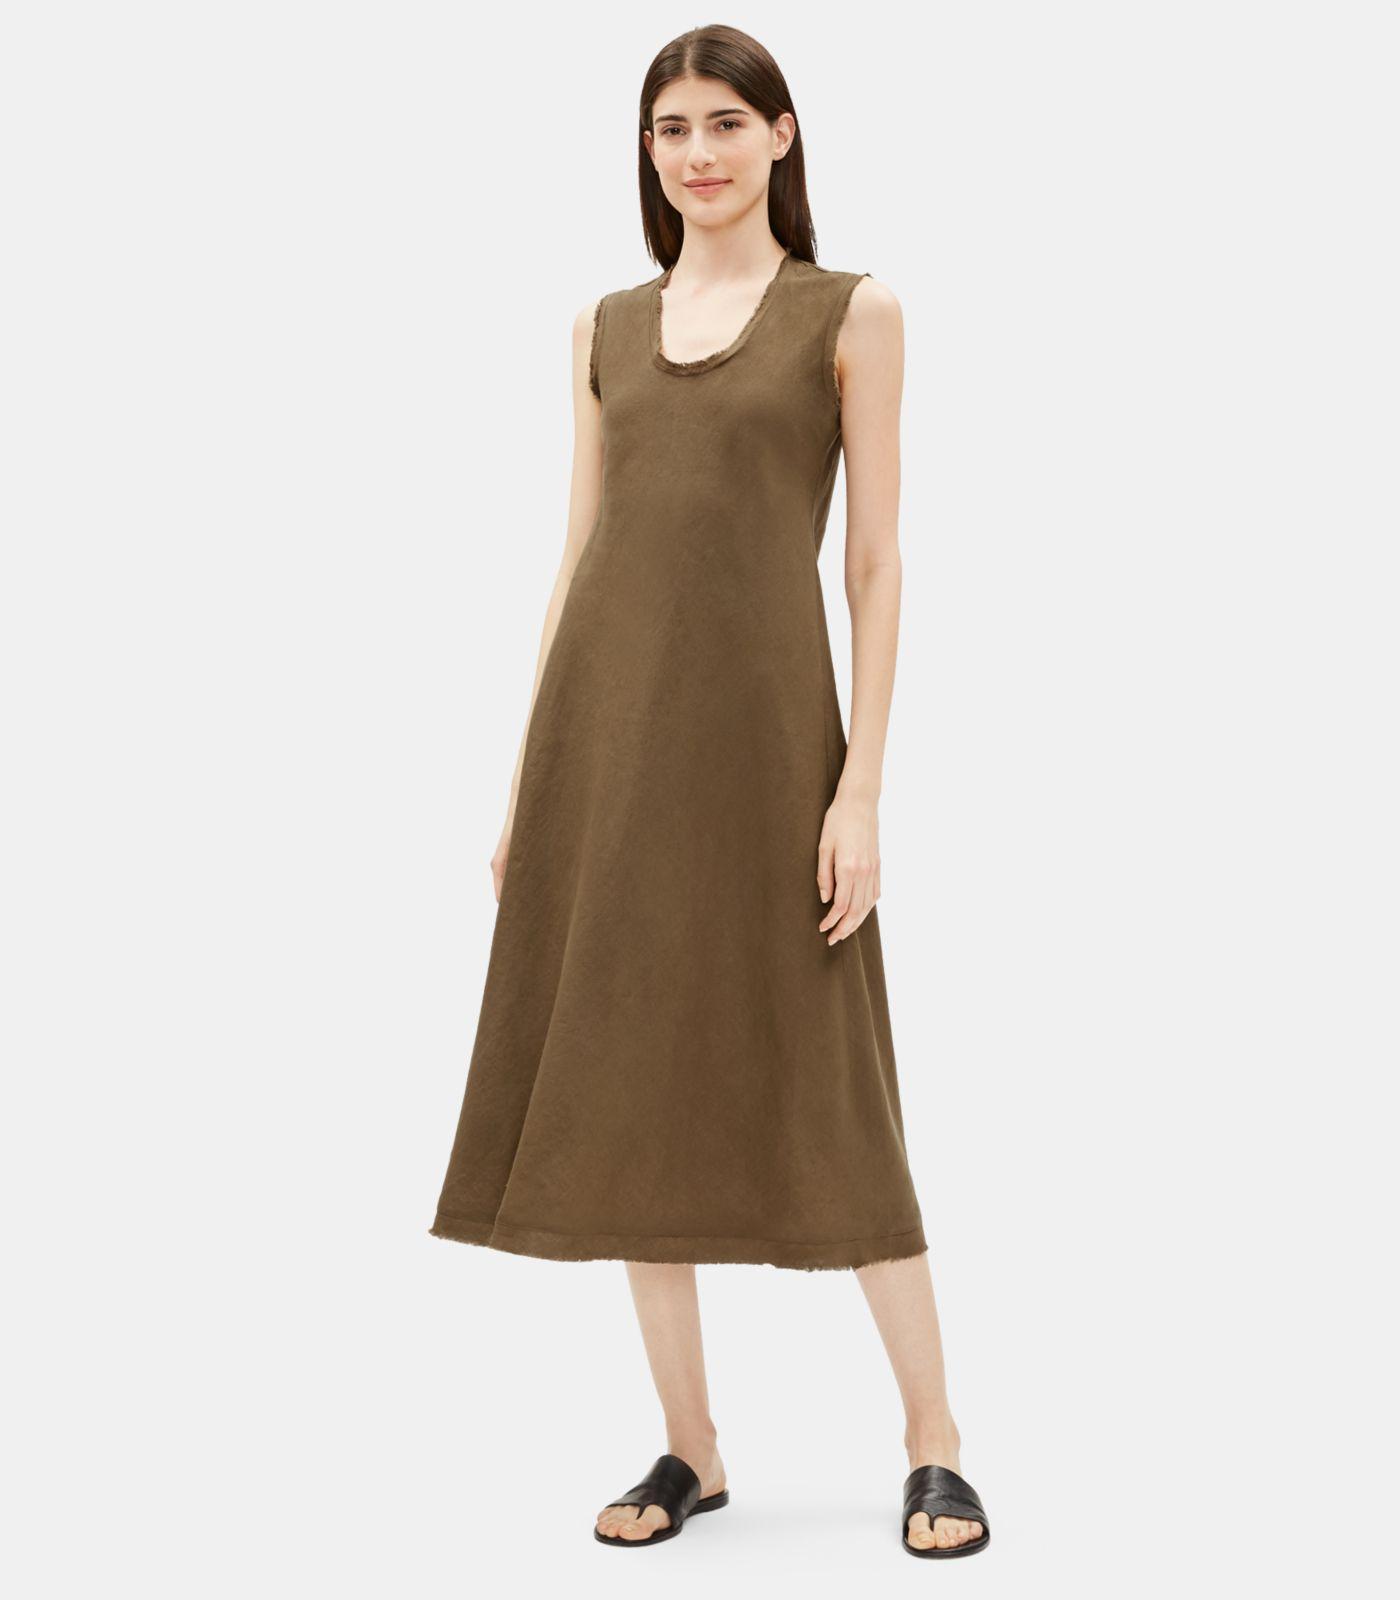 d312b7ff50 Eileen Fisher. Women s Organic Handkerchief Linen Raw-edge Dress